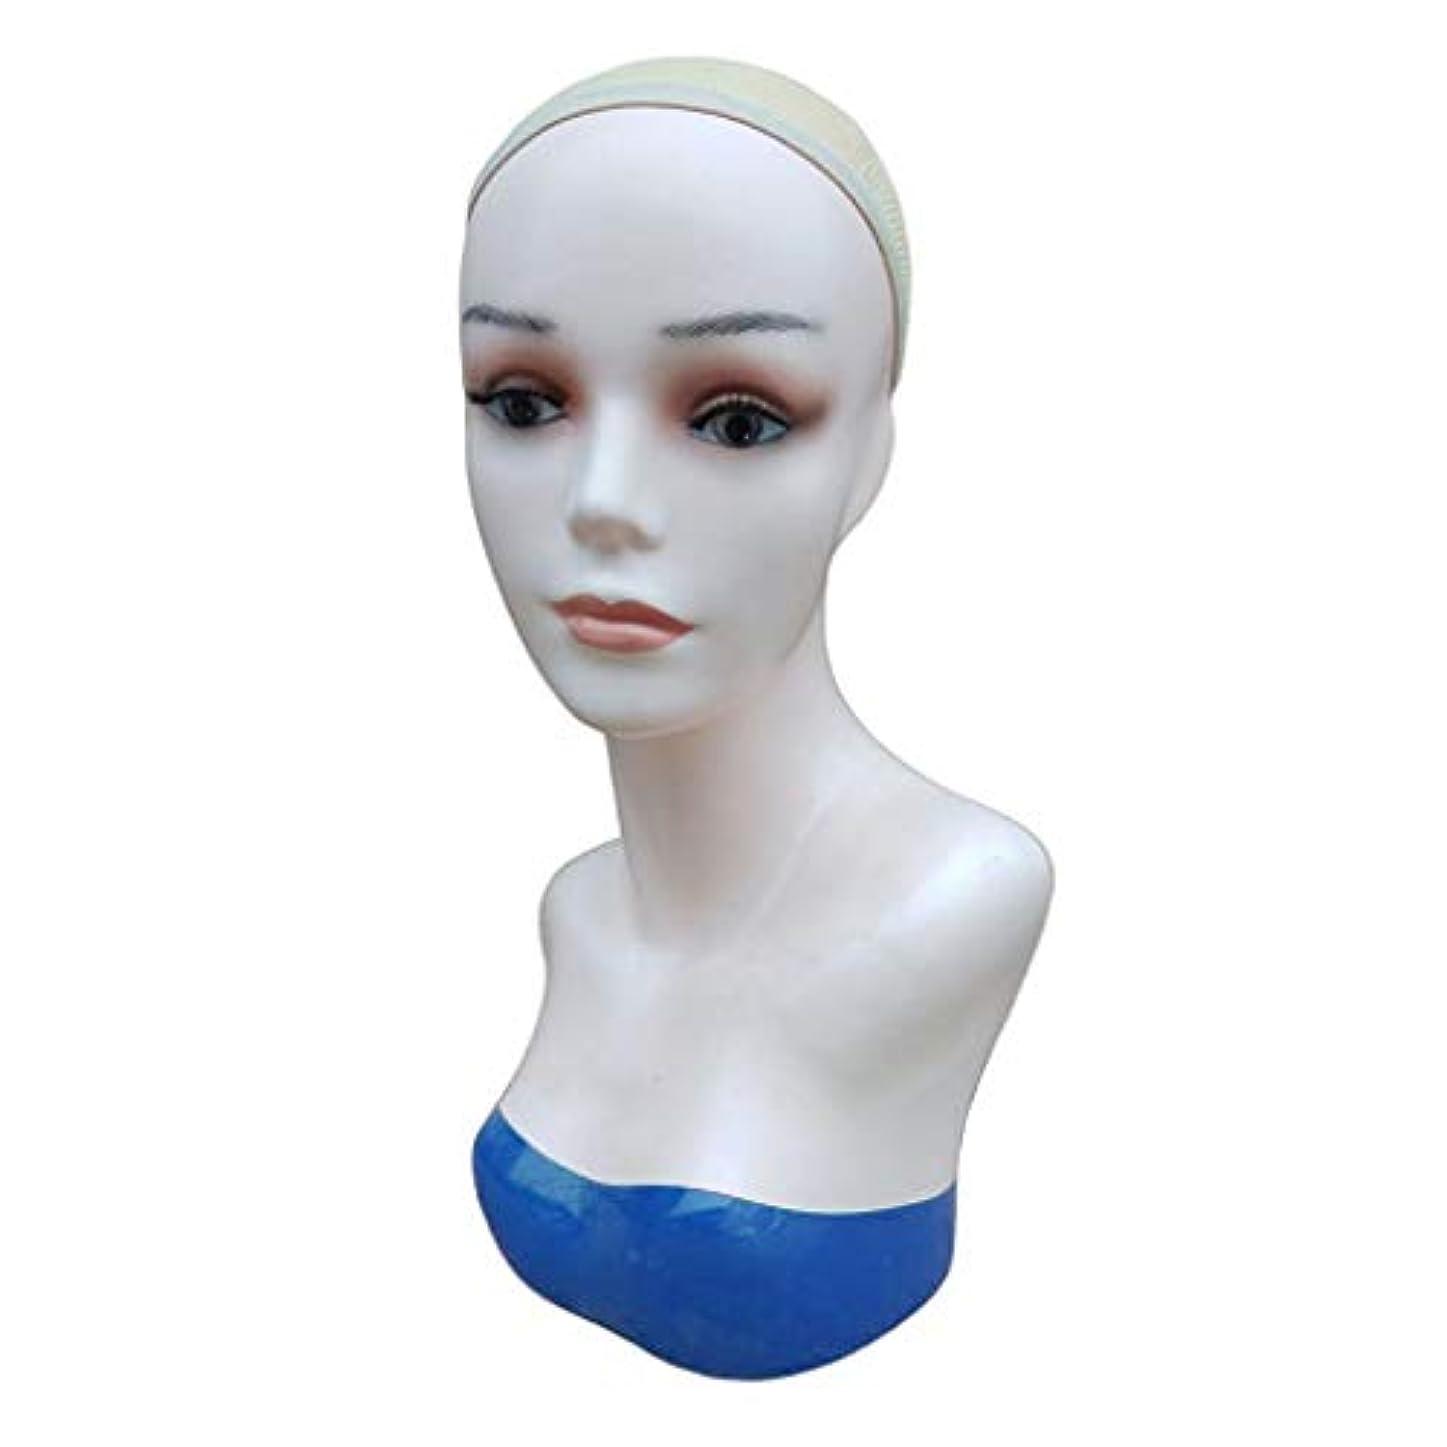 秘密の世界的に変形Injoyo マネキンヘッド 女性 帽子ハンガー ウィッグスタンド ポータブル ABSプラスチック サロン